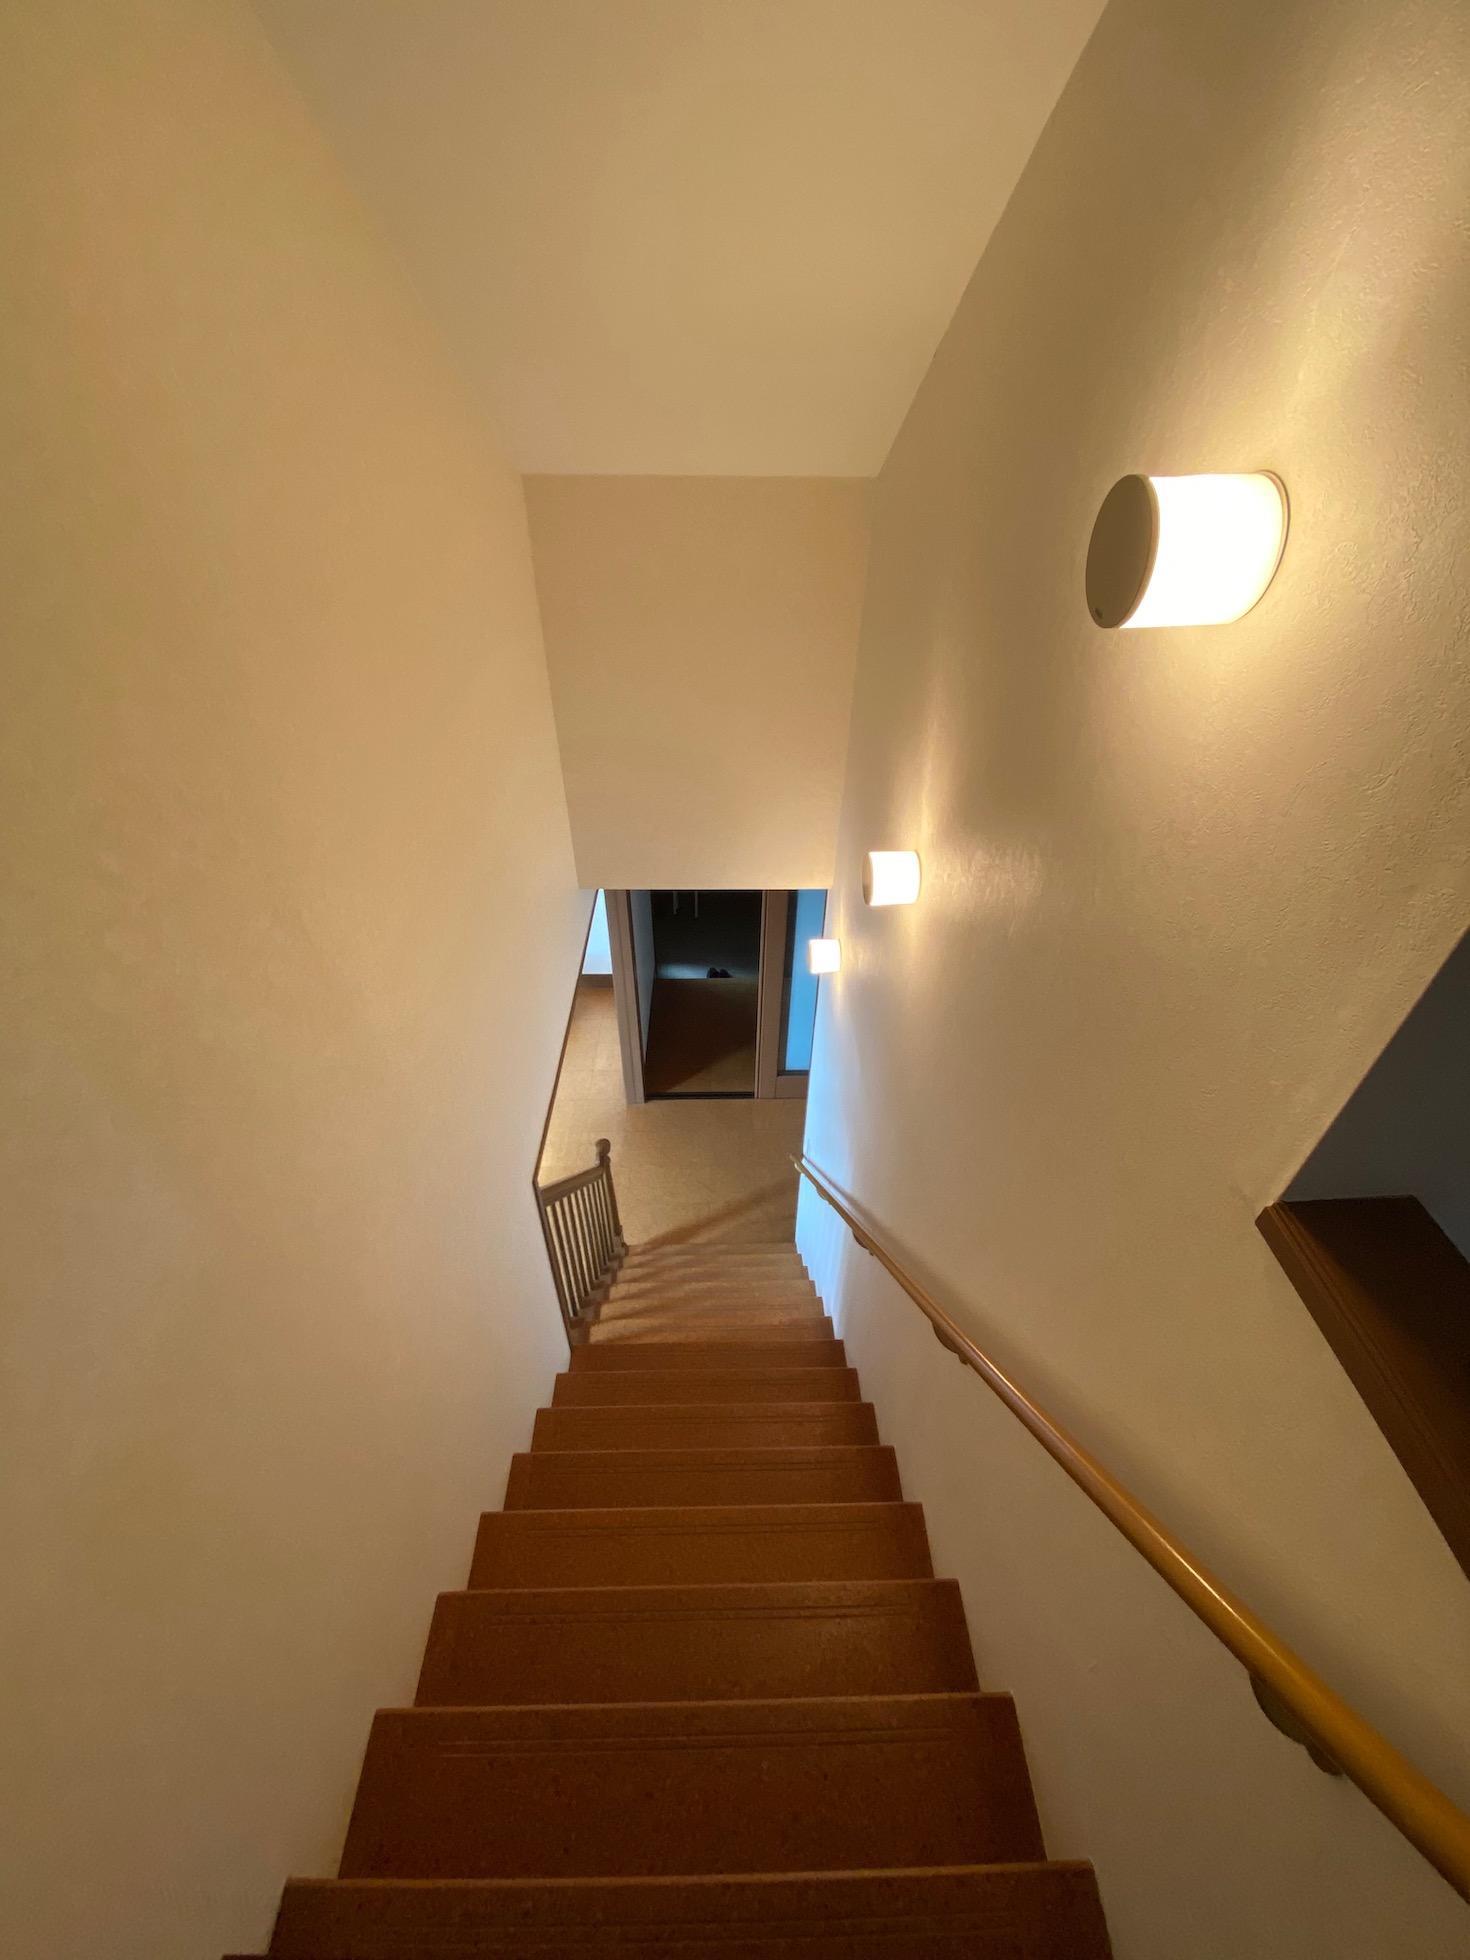 木の踏面にボワっとした光が落ち着く階段スペース。